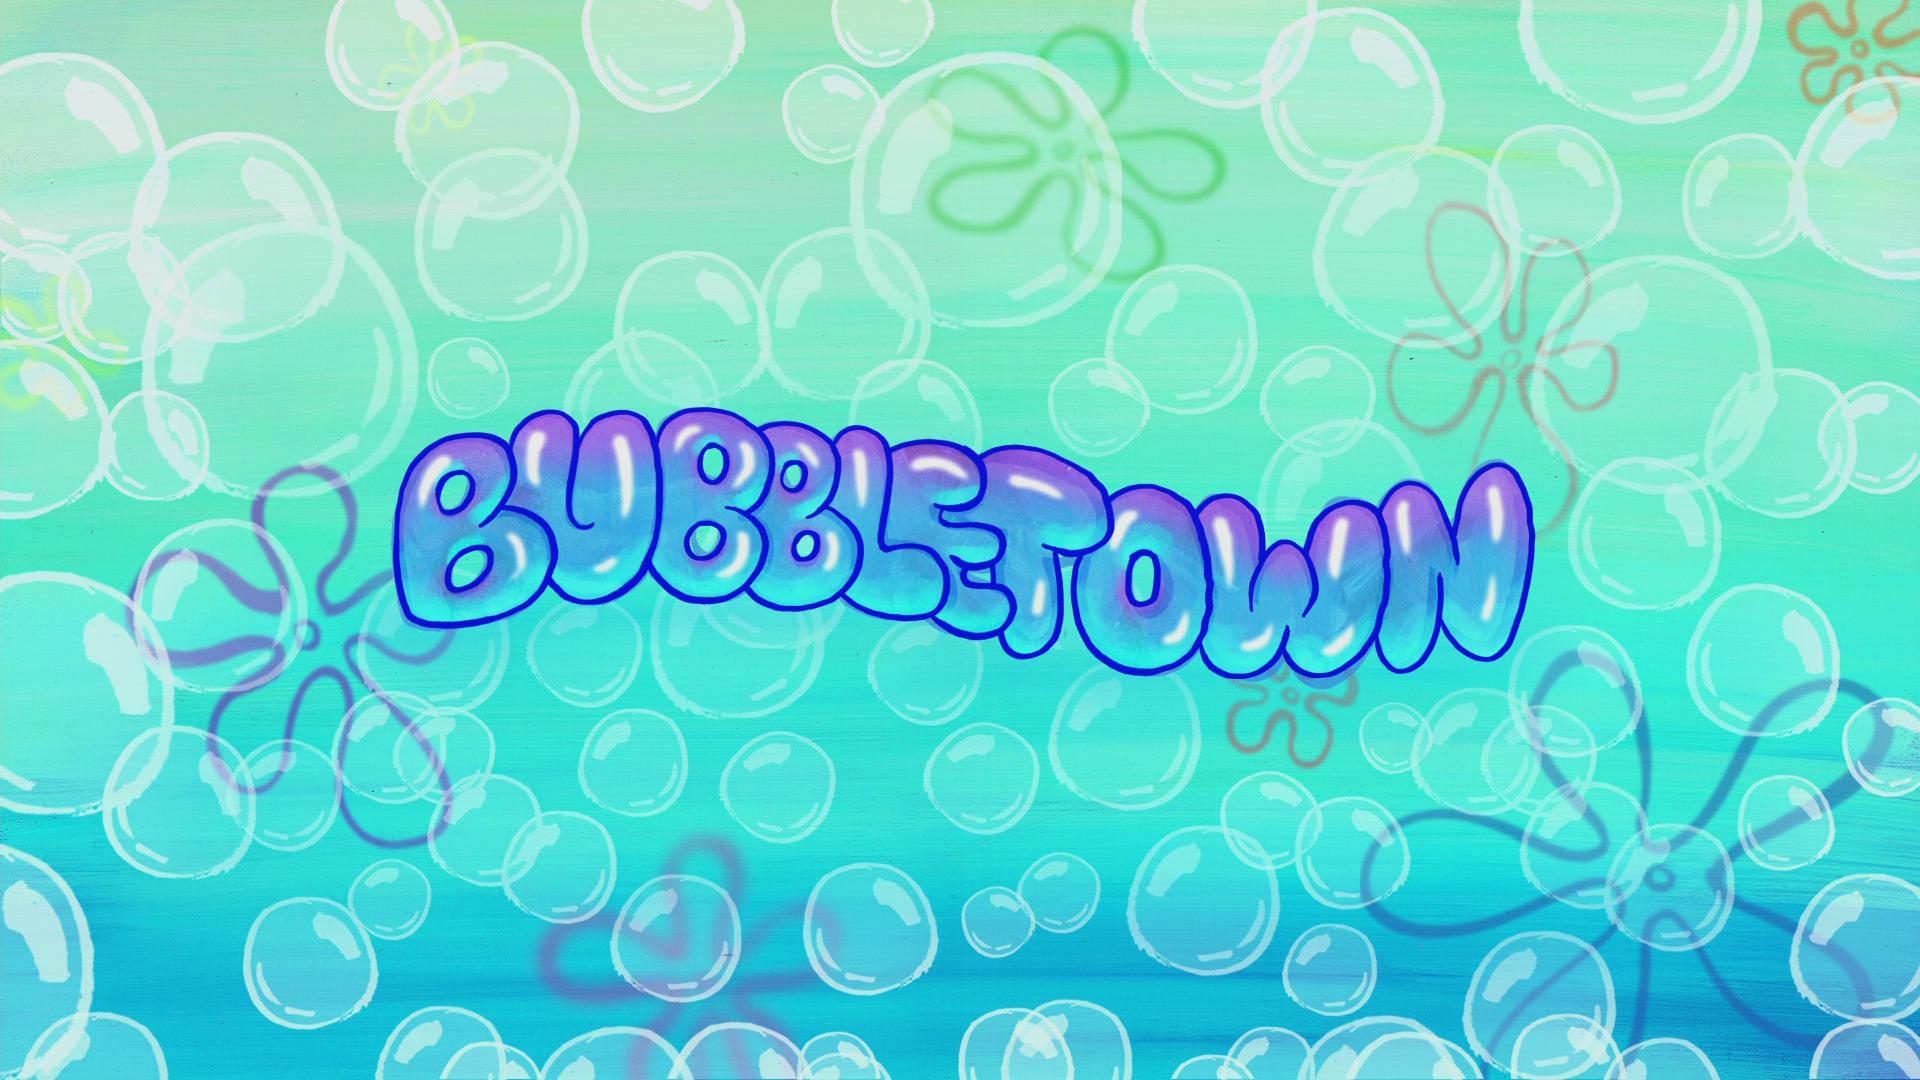 Bubbletown/transcript